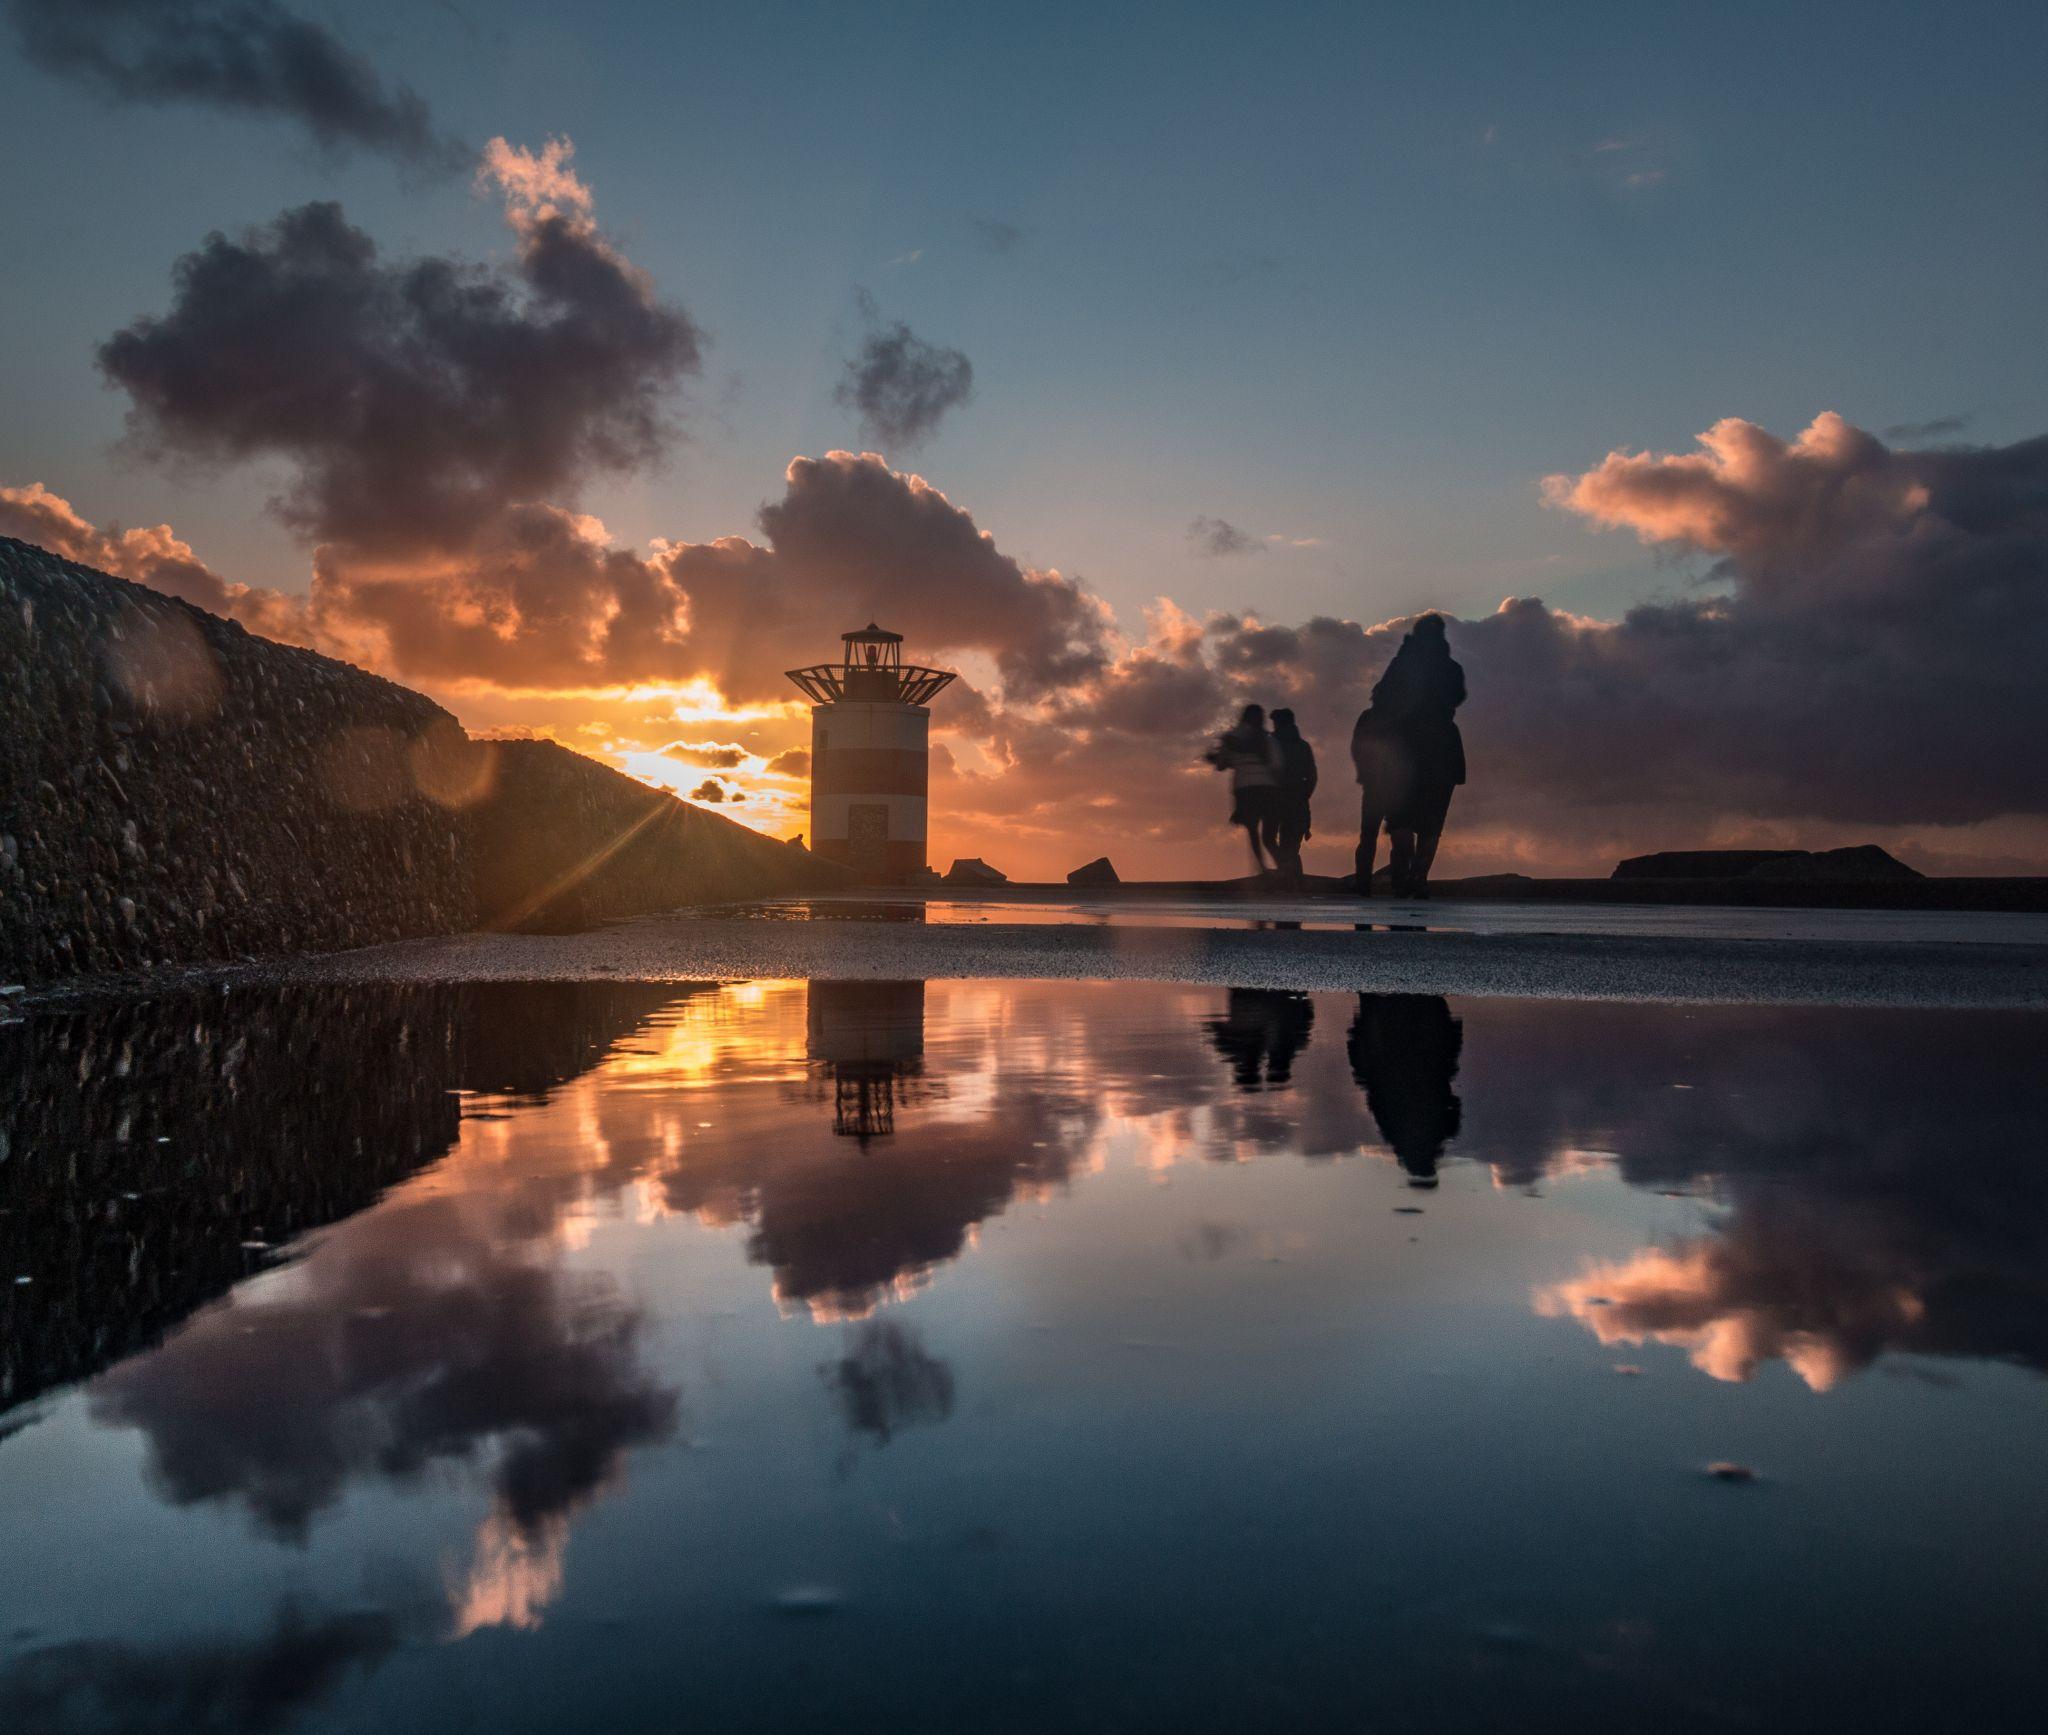 Scheveningen Port Lighthouse, Netherlands